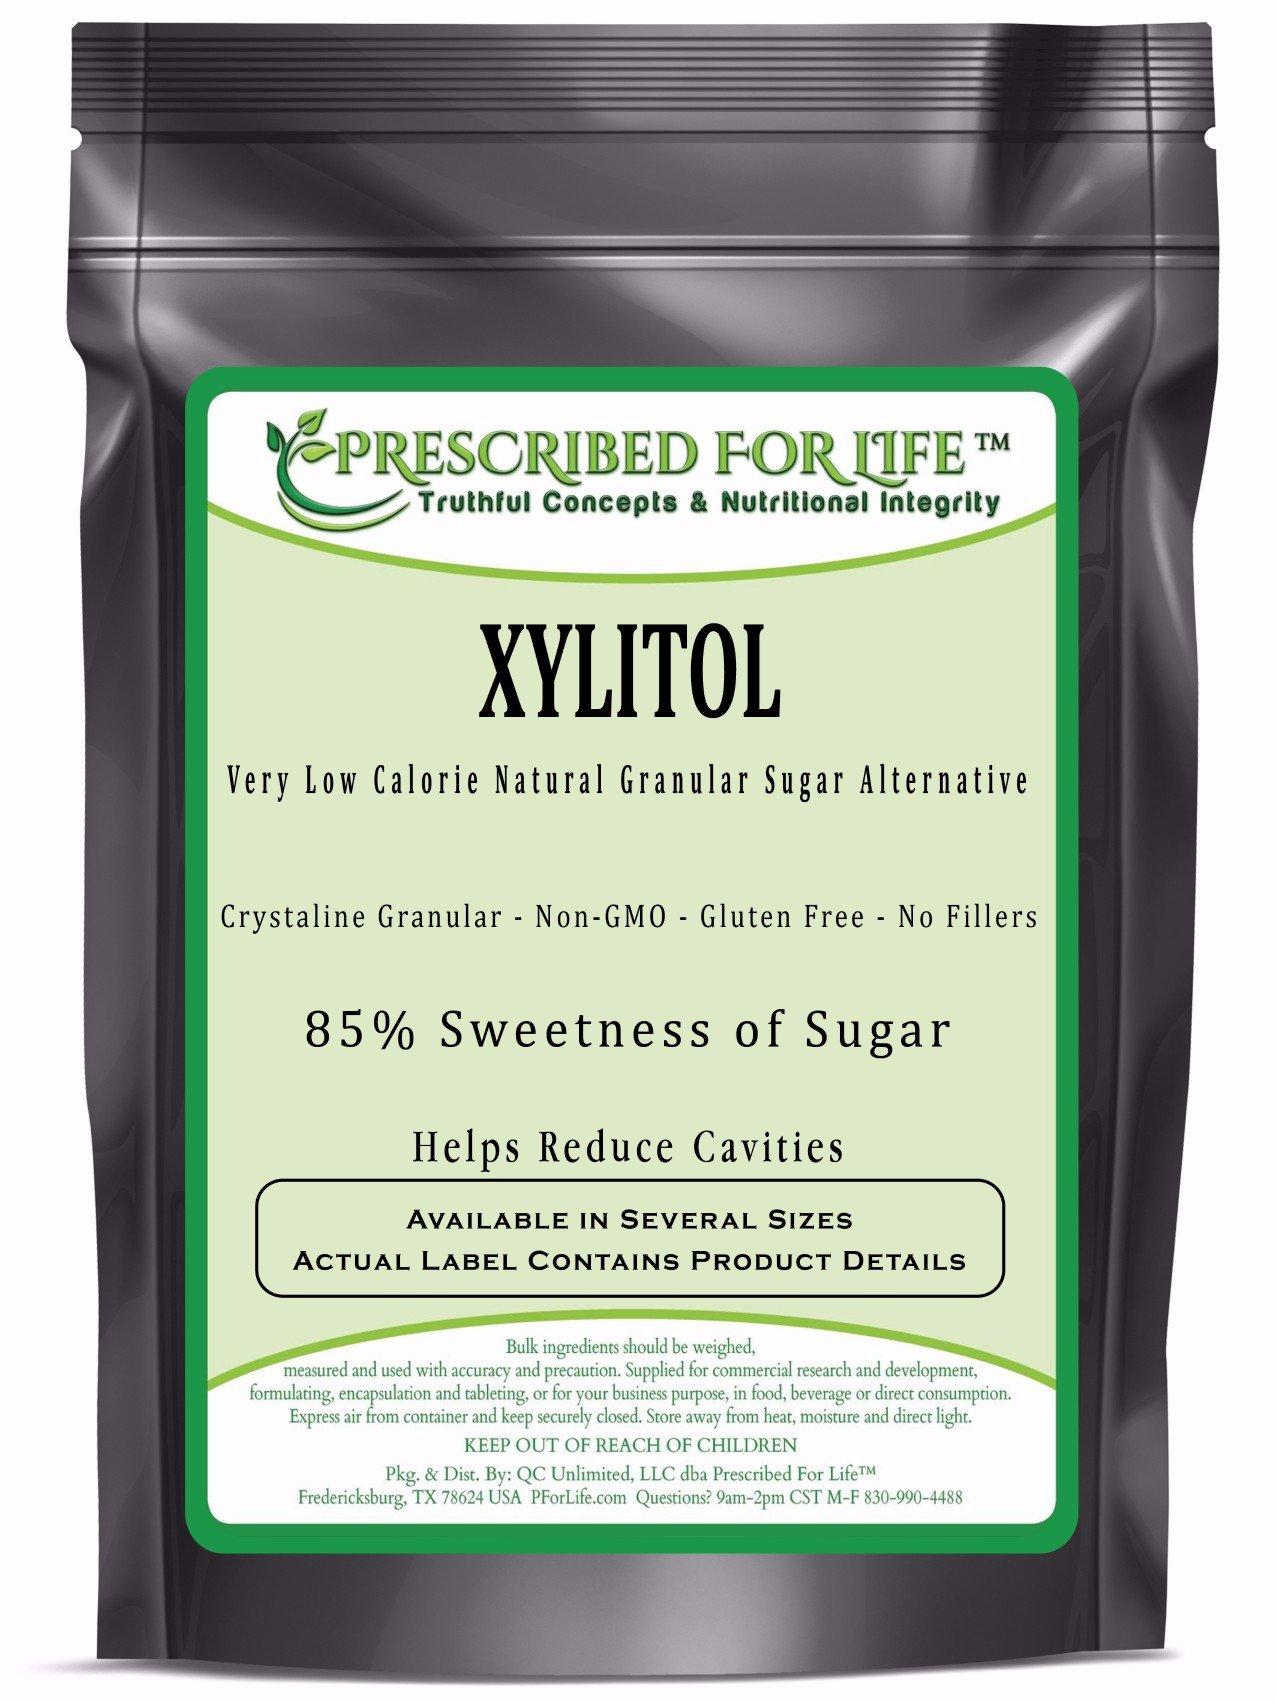 Xylitol - Low Calorie Natural Granular Sugar Alternative - 85% Sweetness of Sugar, 2 kg